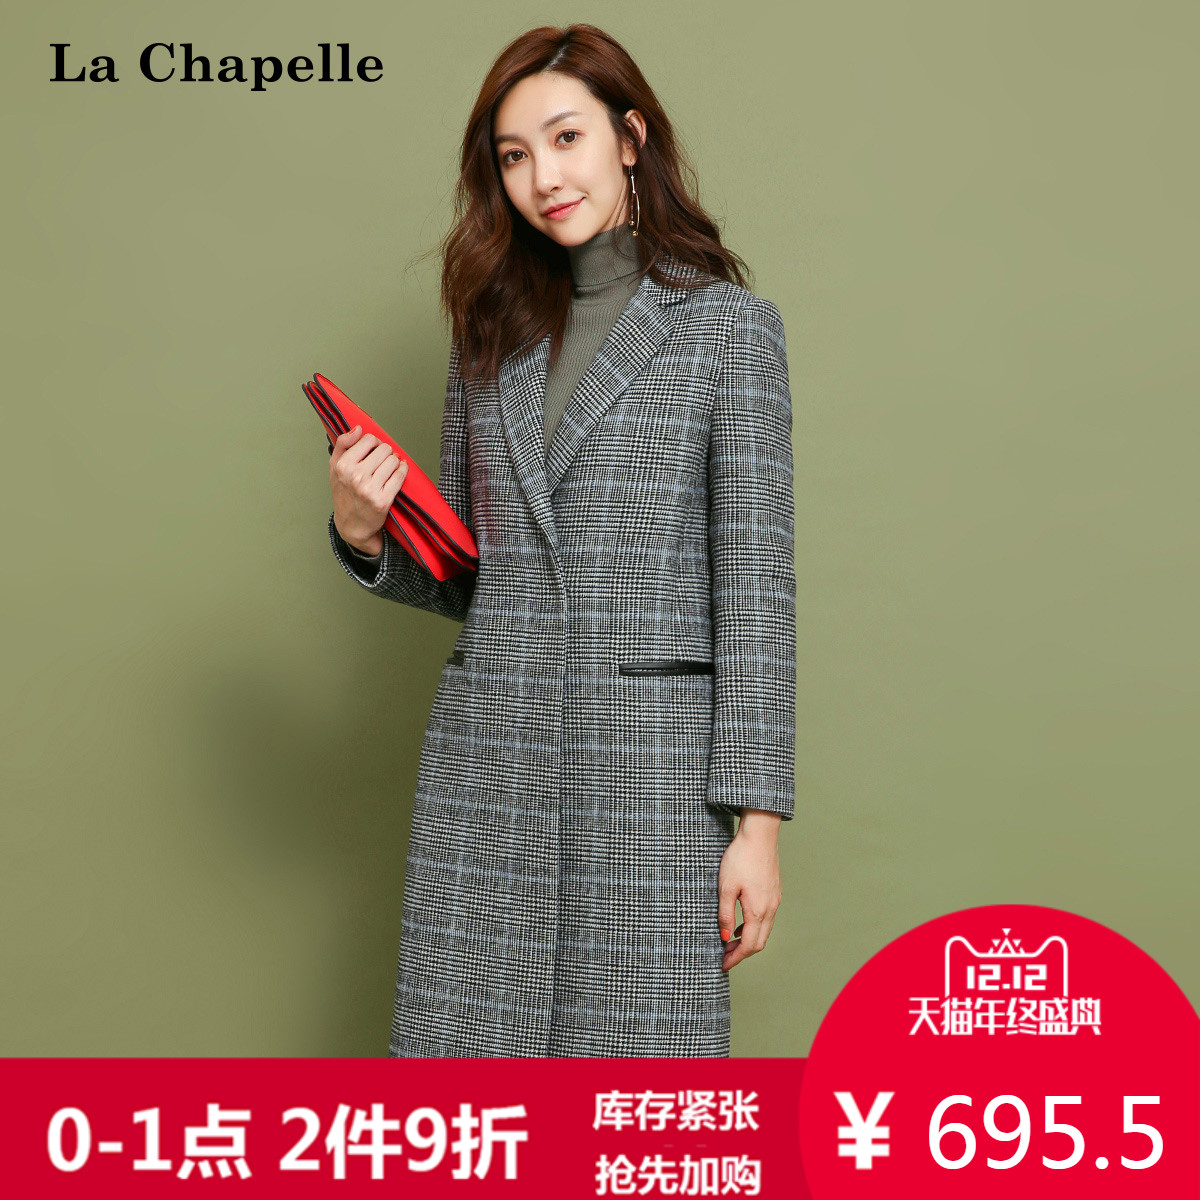 羊毛呢大衣外套女2017秋冬季新款韩版中长款职业气质格子西装外衣